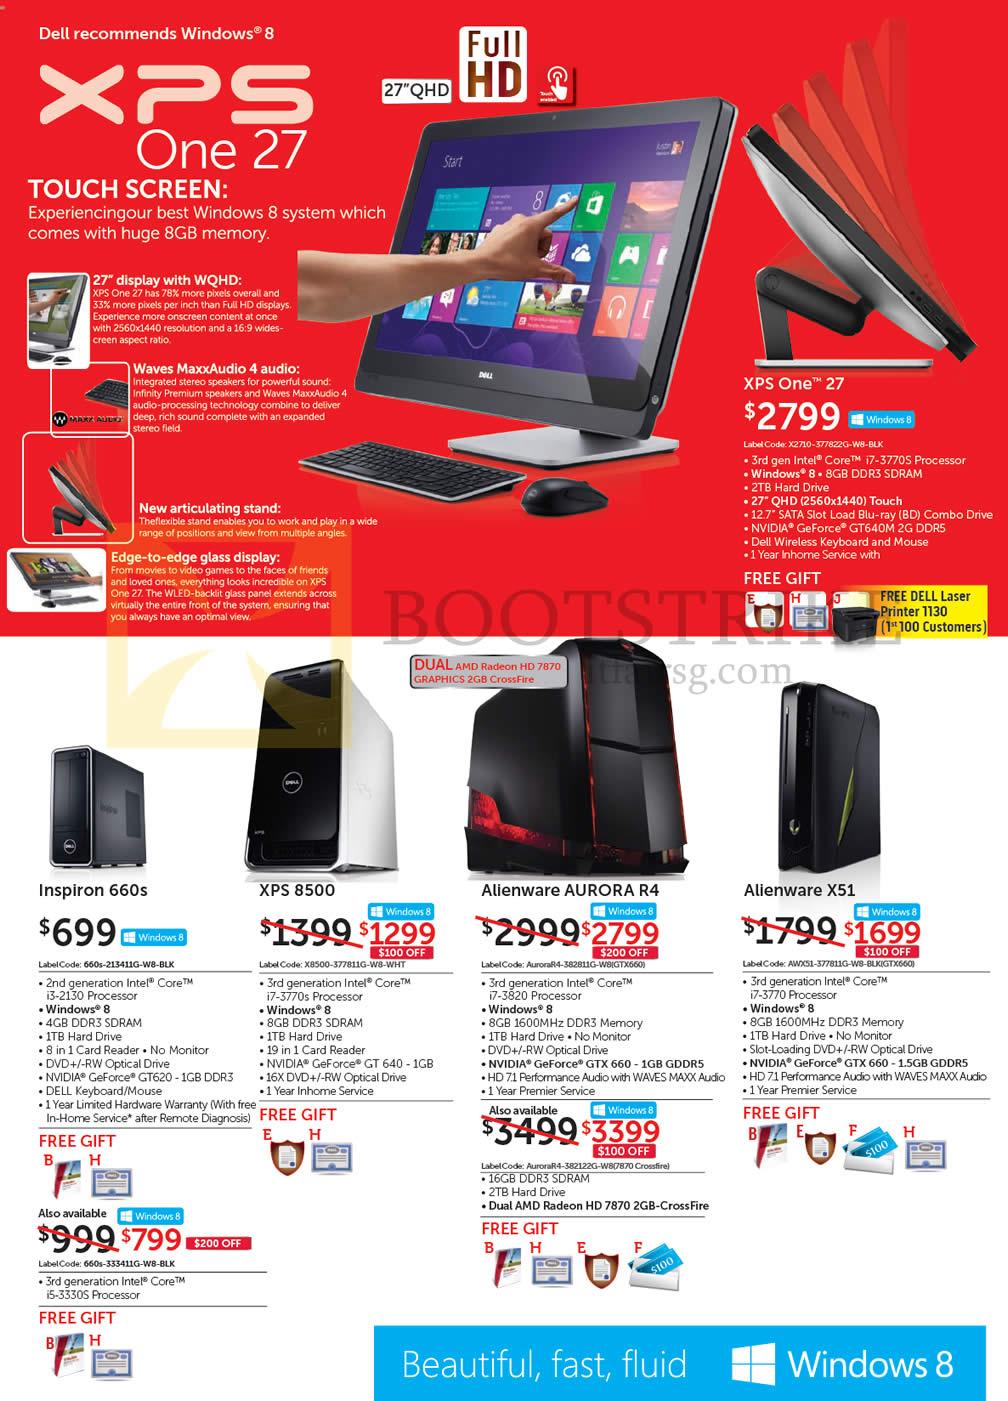 IT SHOW 2013 price list image brochure of Dell Desktop PCs, XPS One 27, Inspiron 660s, XPS 8500, Alienware Aurora R4, Alienware X51